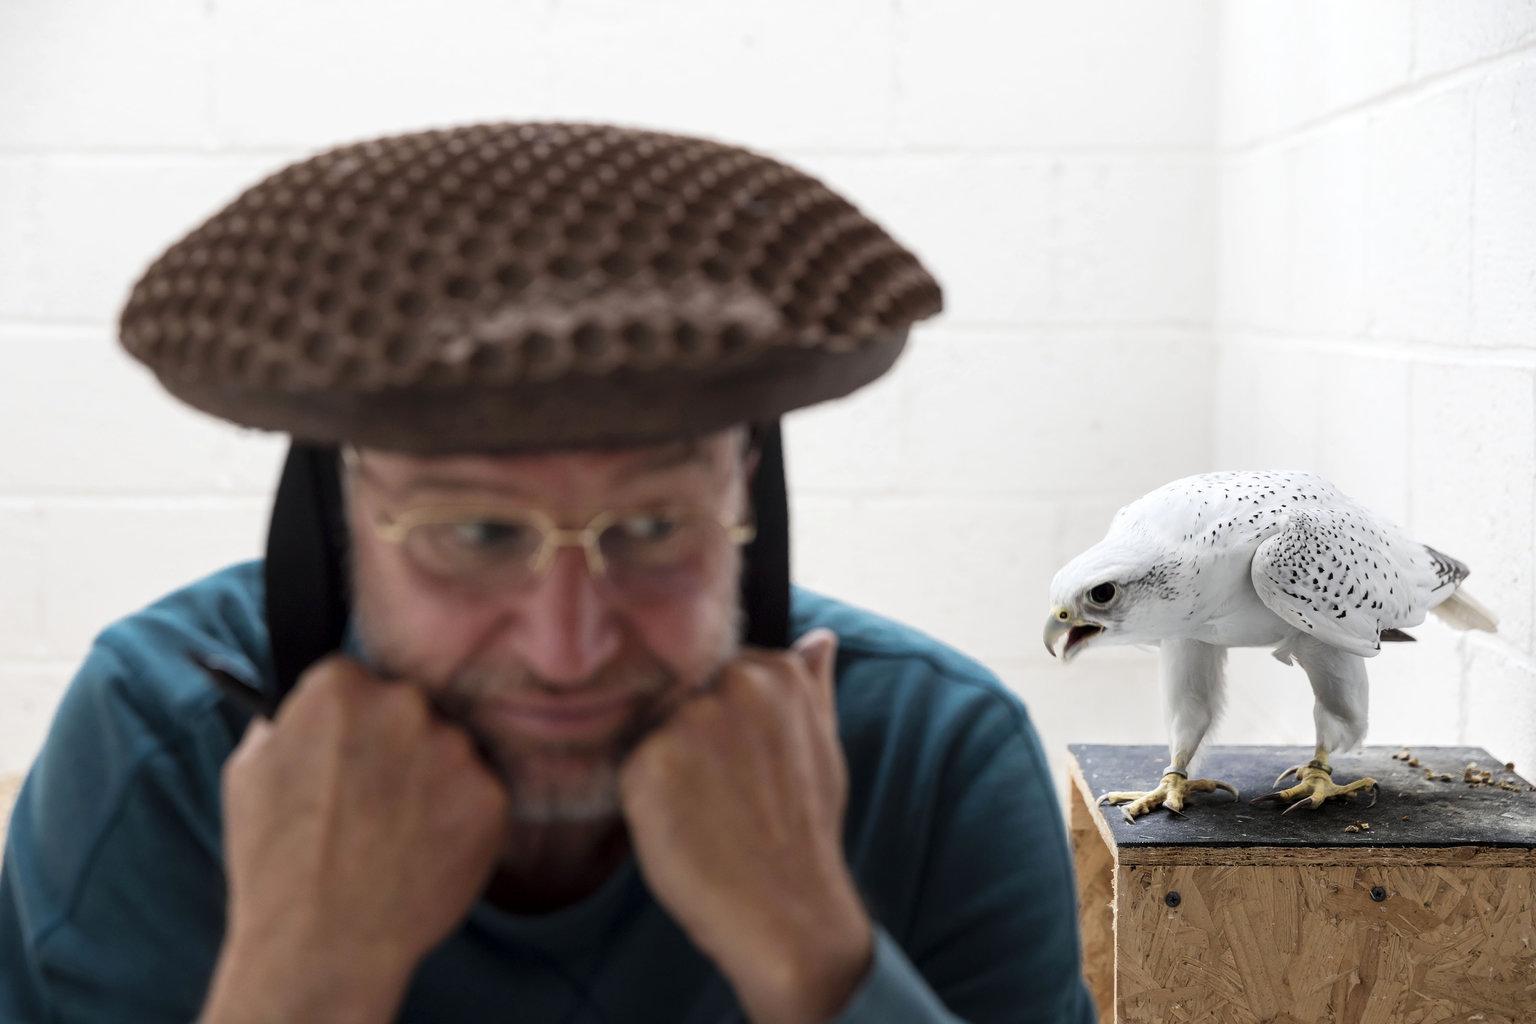 Elgin, 2019. április 12. A World Press Photo Alapítvány által közreadott képen Howard Waller sólyomtenyésztő a fején viselt különleges spermagyűjtő sapkával csalogat egy vadászsólymot, hogy ott ejakuáljon a skóciai Elginben. A fénykép a National Geographicben megjelent Falcons and the Arab Influence című riport része, amellyel Brent Stirton, a Getty Images riportere elnyerte a természetfotó sorozat kategória első díját a World Press Photo nemzetközi sajtófotóversenyen 2019. április 11-én. MTI/AP/Brent Stirton